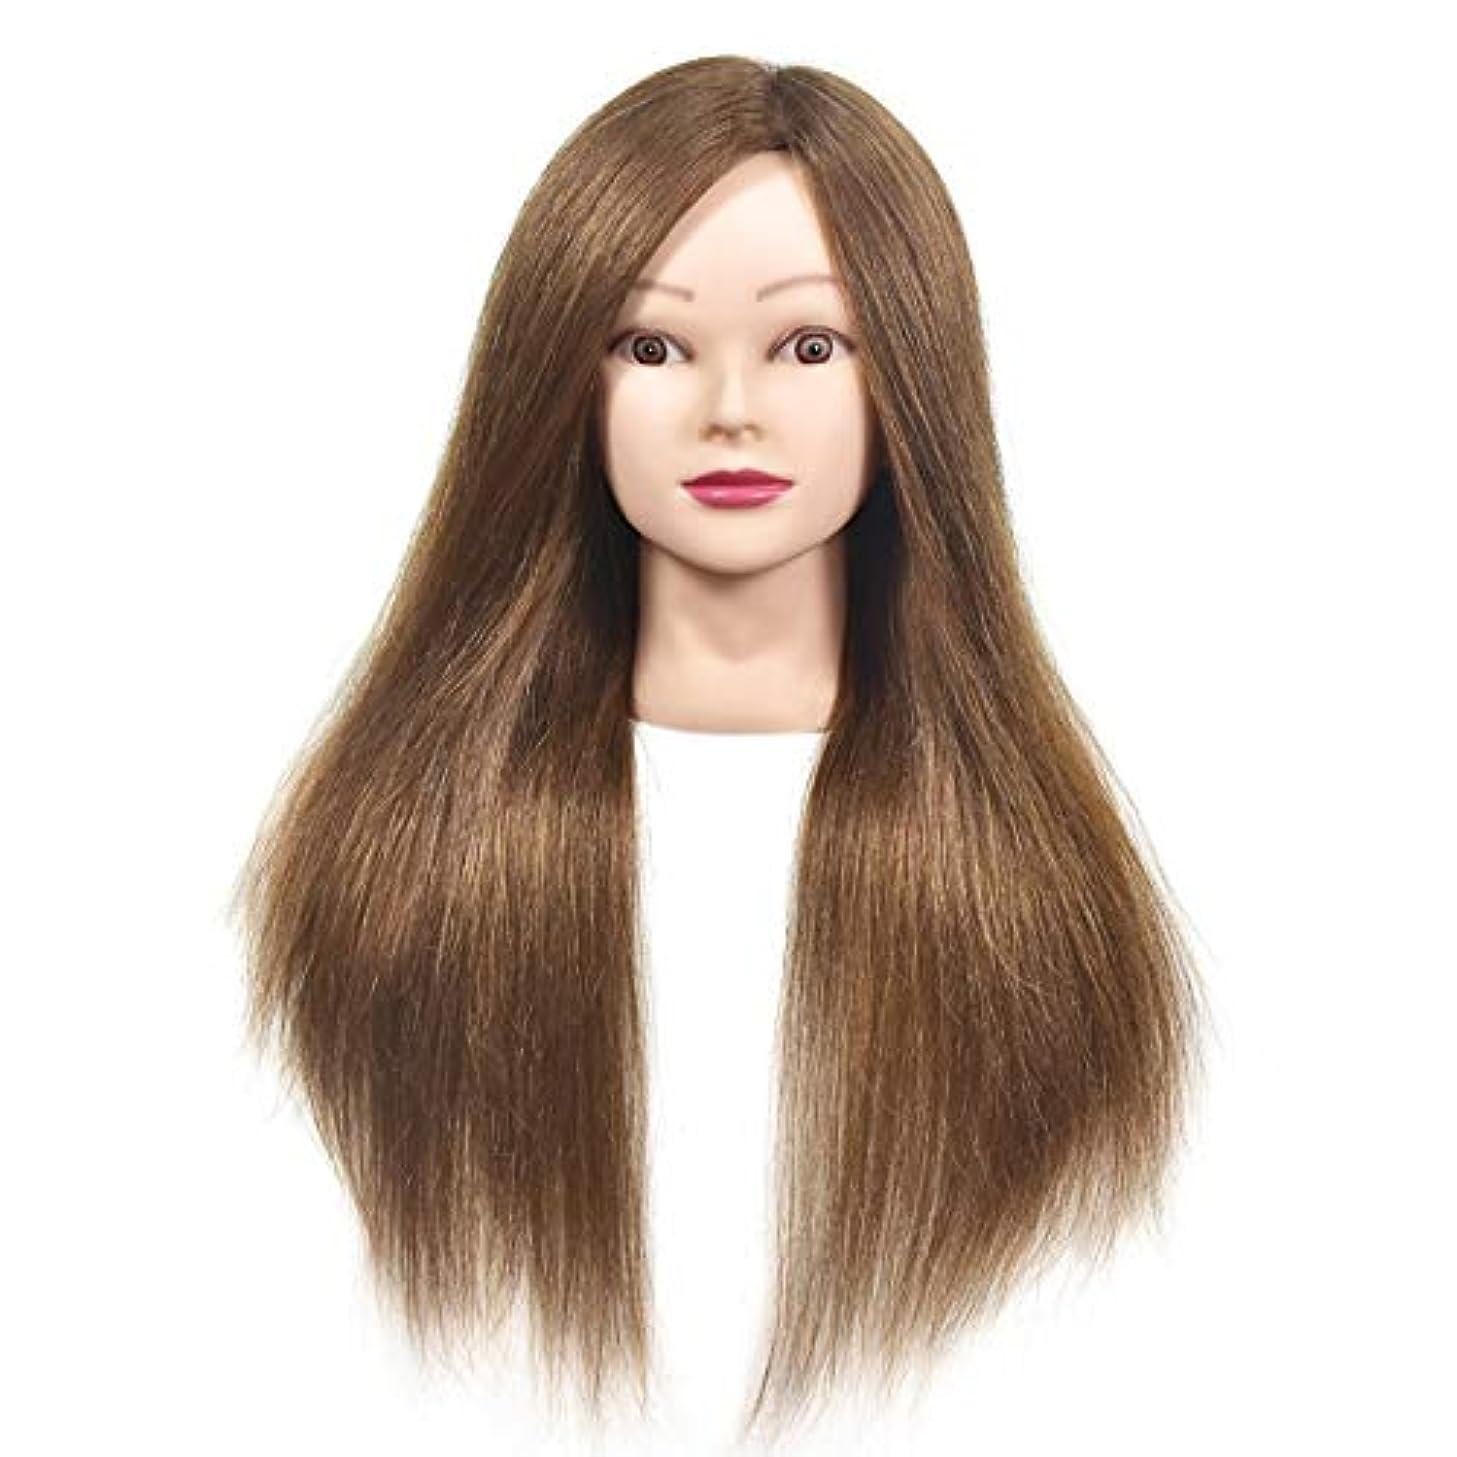 の慈悲でスペル優雅な本物の人間の髪のかつらの頭の金型の頭の編み出しスタイリングのマネキン頭の理髪店の練習の教師のダミーヘッド